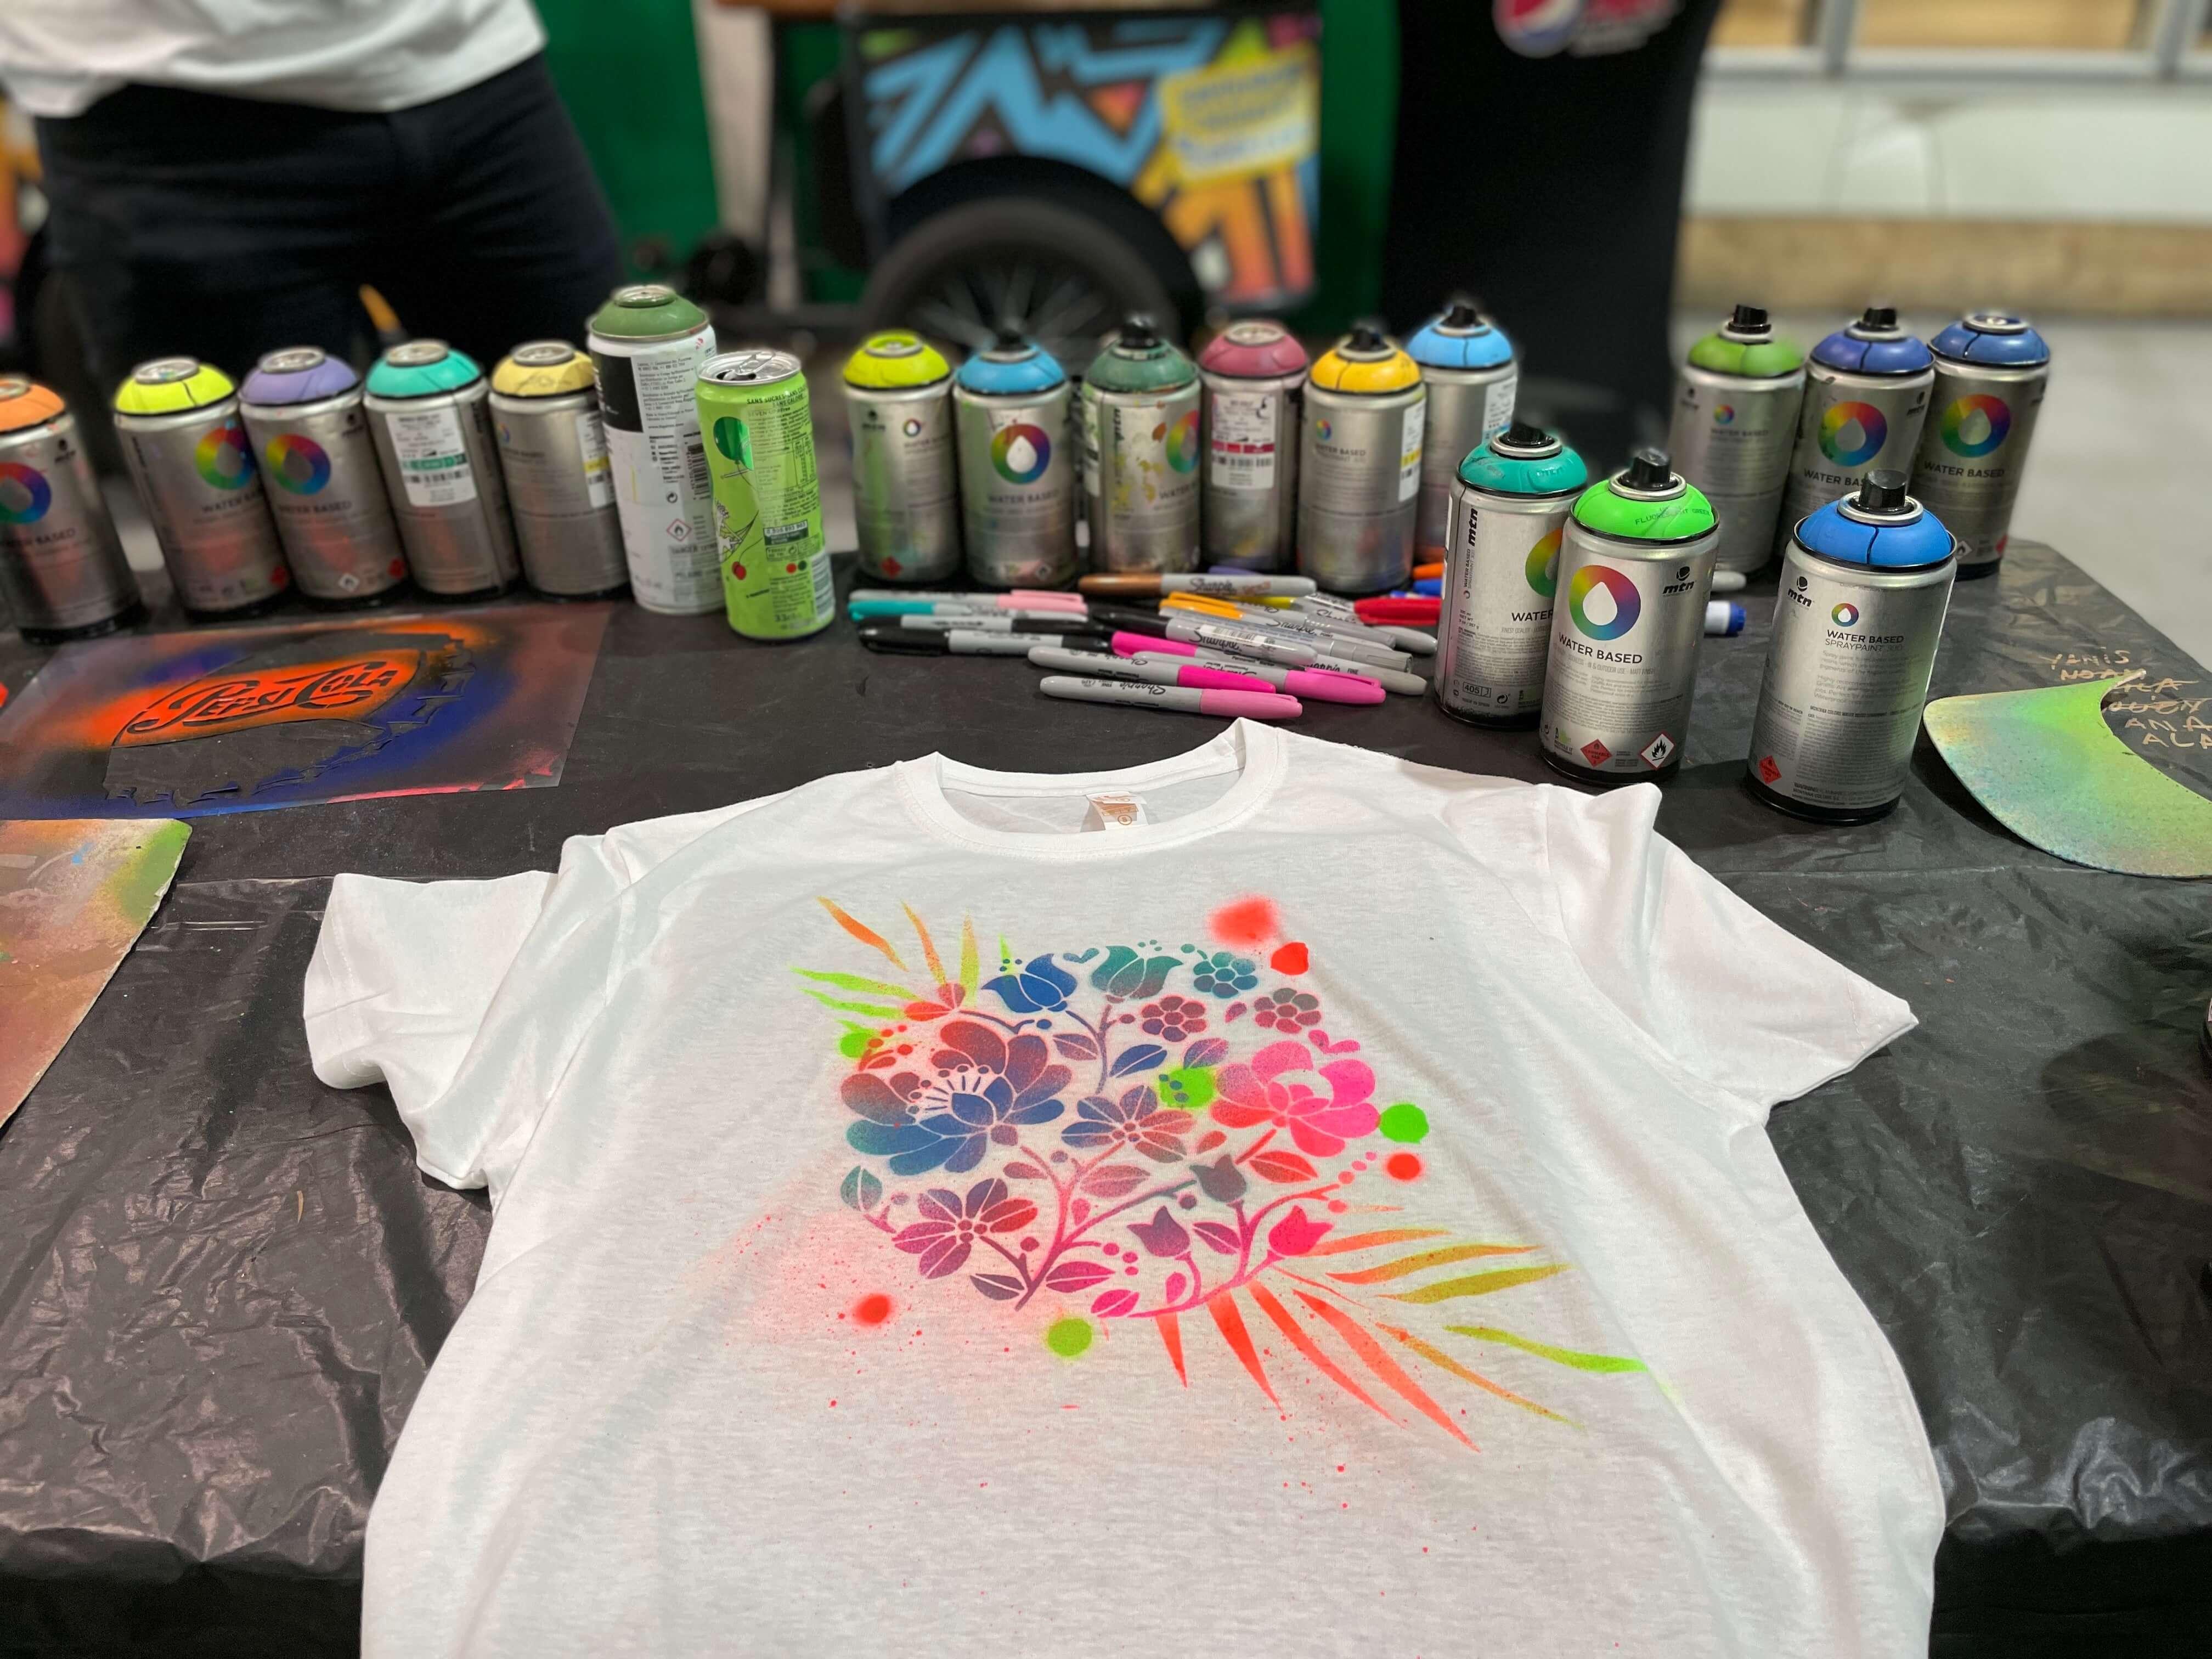 Tee-shirt customisé à la bombe de peinture